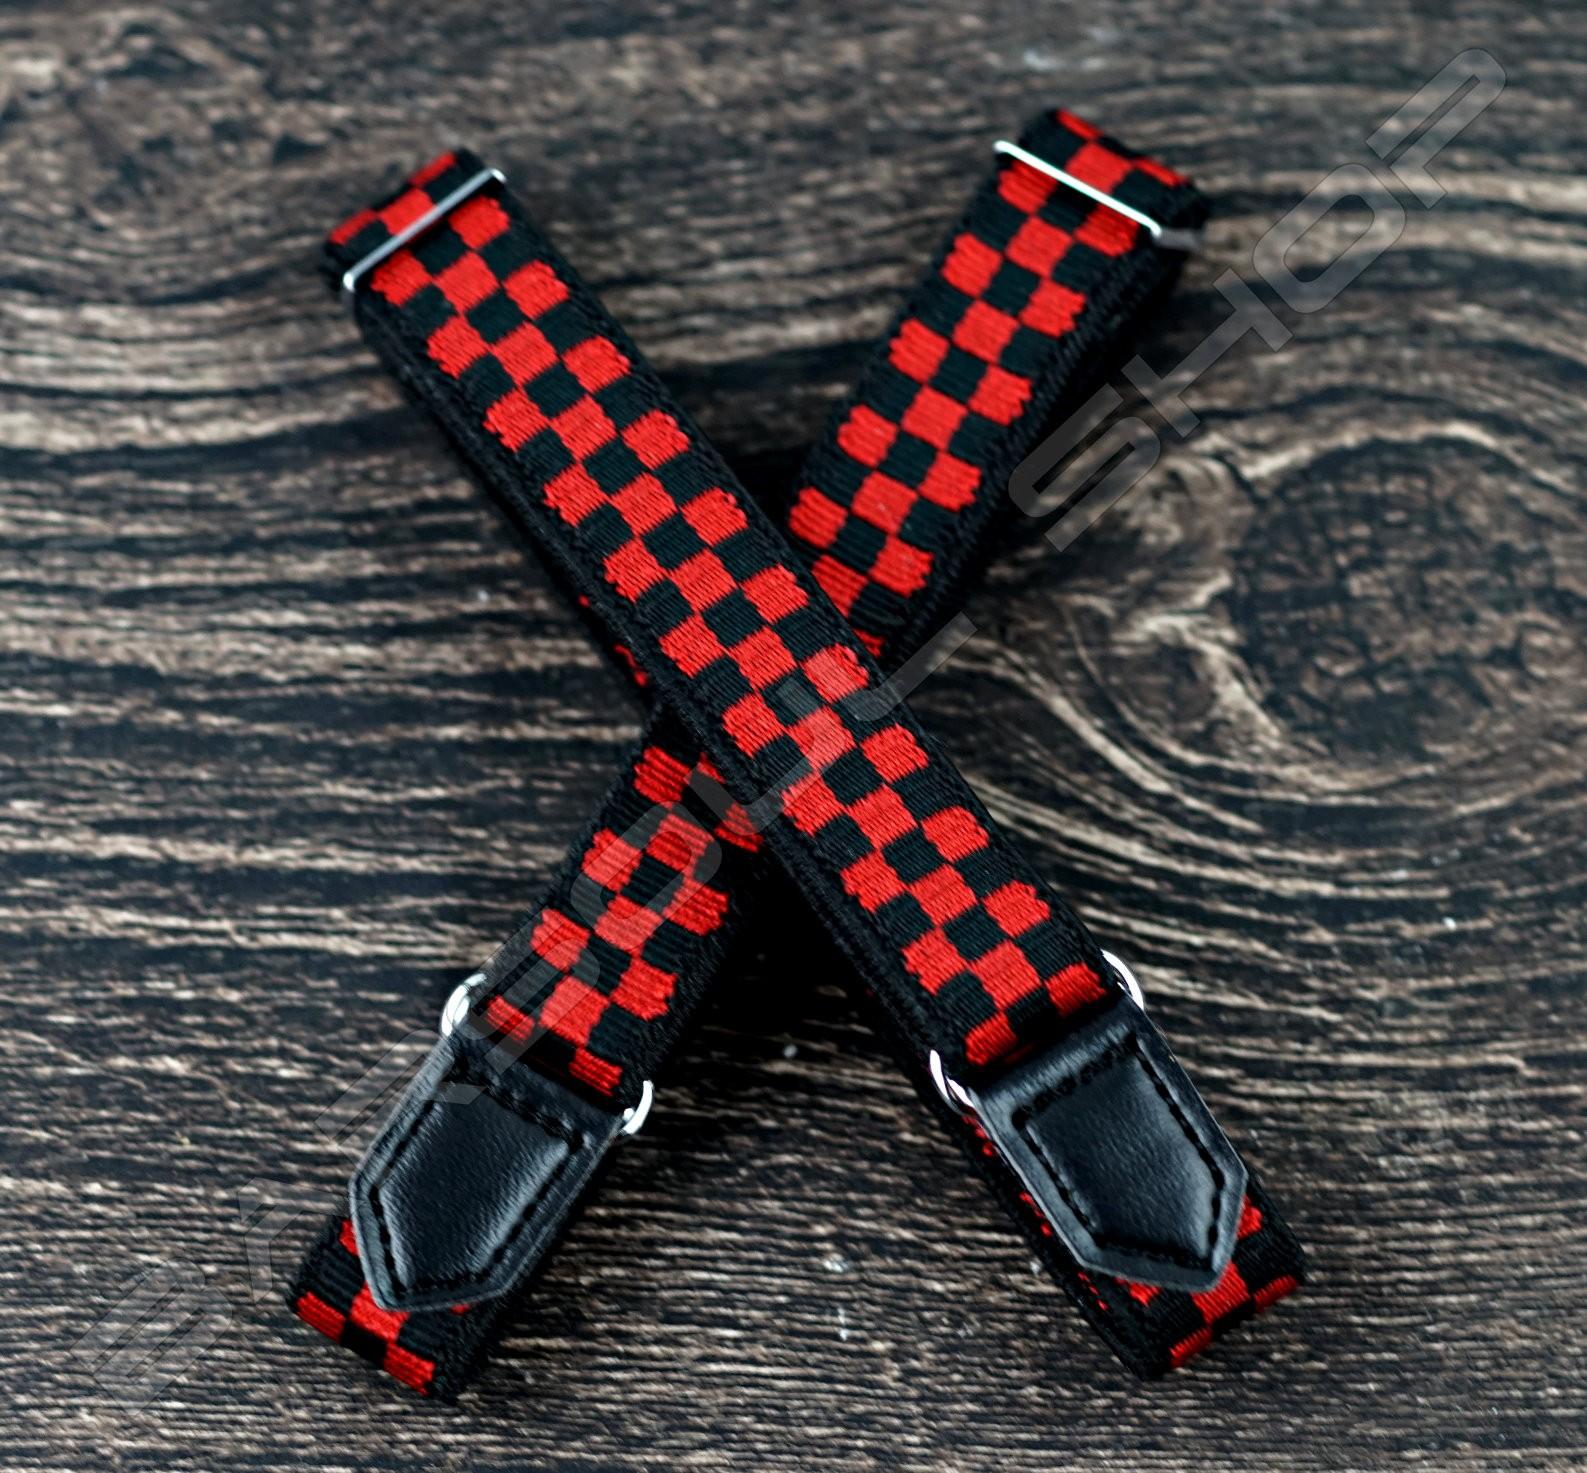 【日本直送】日式伸縮皮飾袖環(紅棋盤) Sleeve garters(D25)